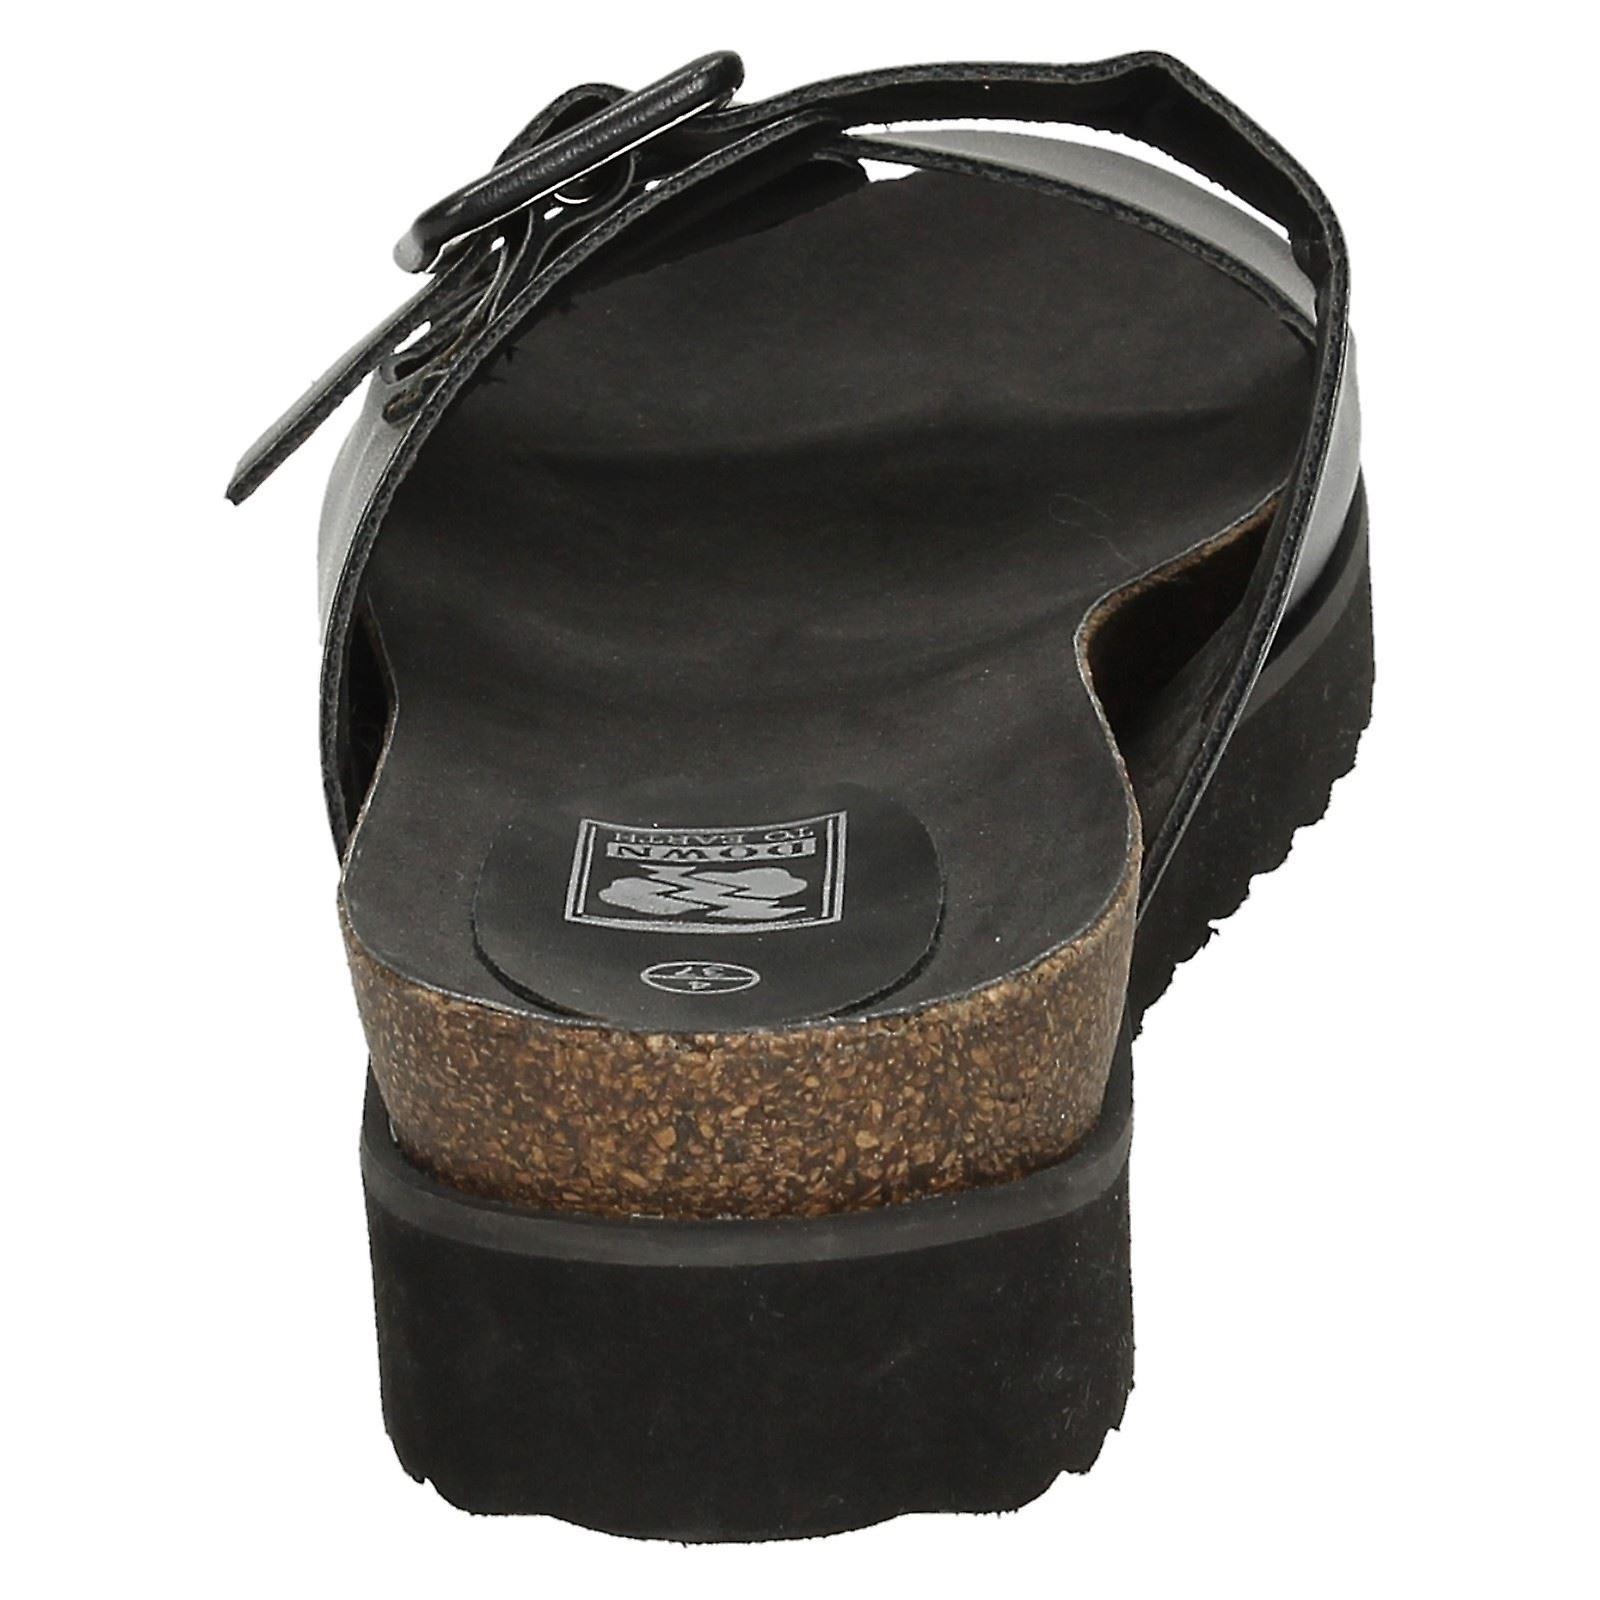 Dames tot aarde dikke enige sandalen - Gratis verzending M8C7DL